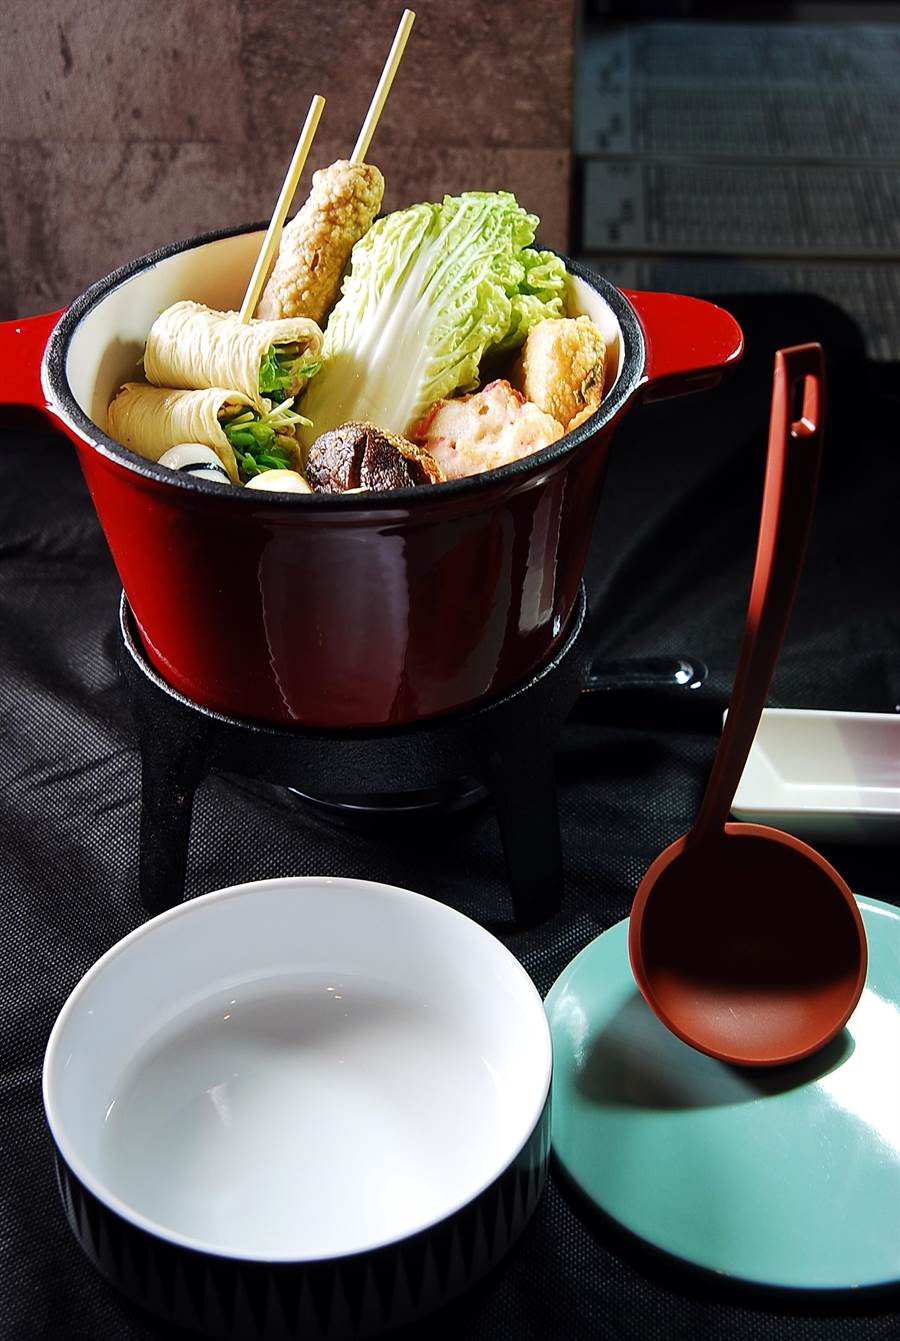 〈黑輪吧〉的黑輪,是用小鑄鐵鍋盛裝,下面還點了蠟燭保溫,使台灣平價小吃變「潮」了。(圖/姚舜攝)